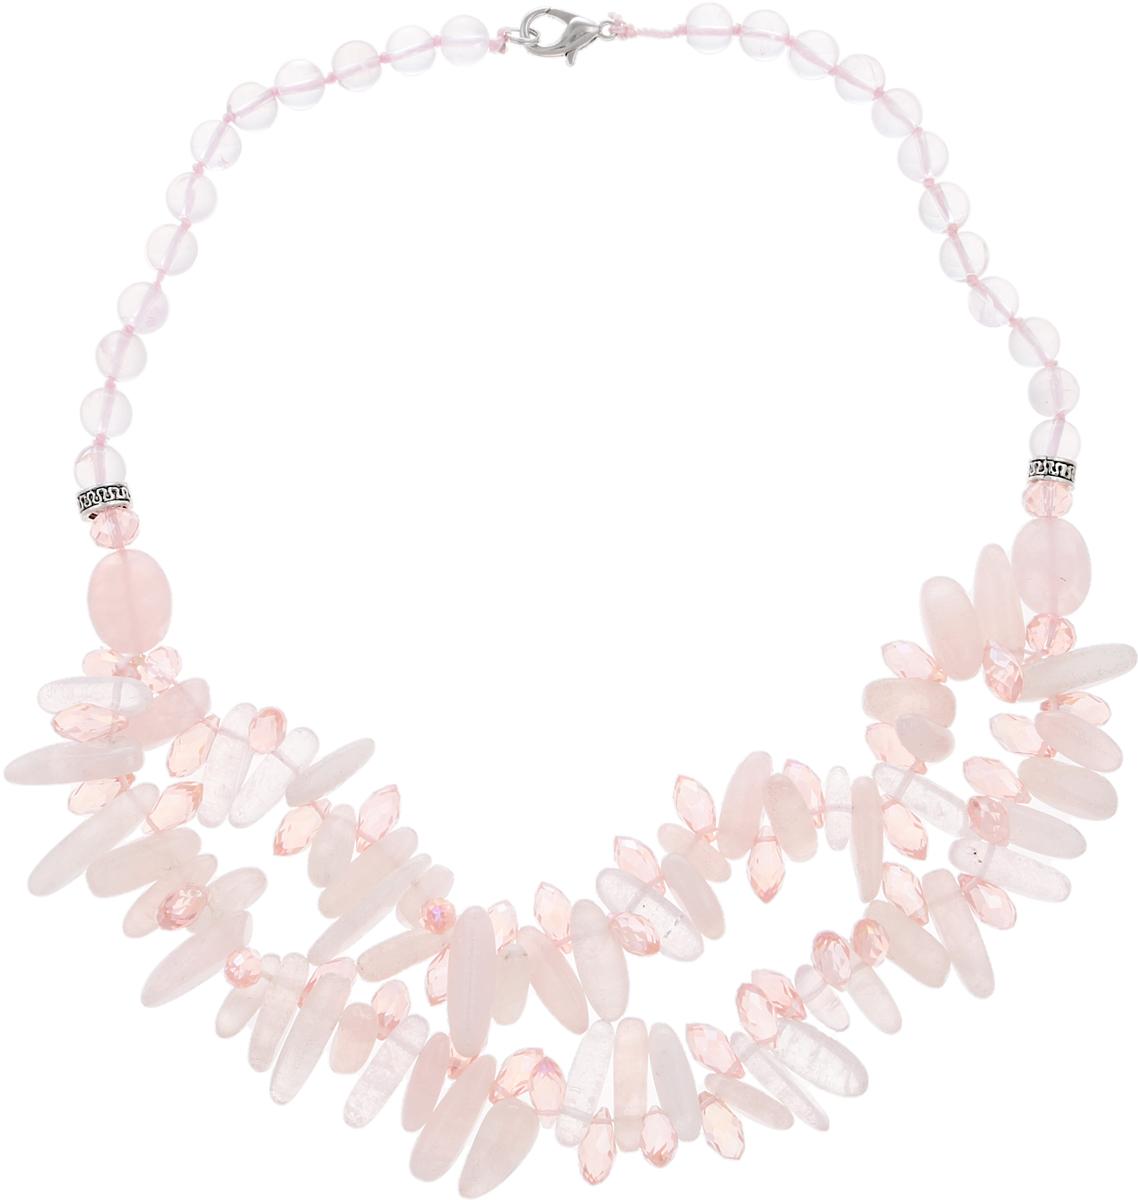 Колье Романтика. Натуральный розовый кварц, бусины. Индия10099181Колье Романтика. Натуральный розовый кварц, бусины. Индия. Размер - полная длина 46 см.